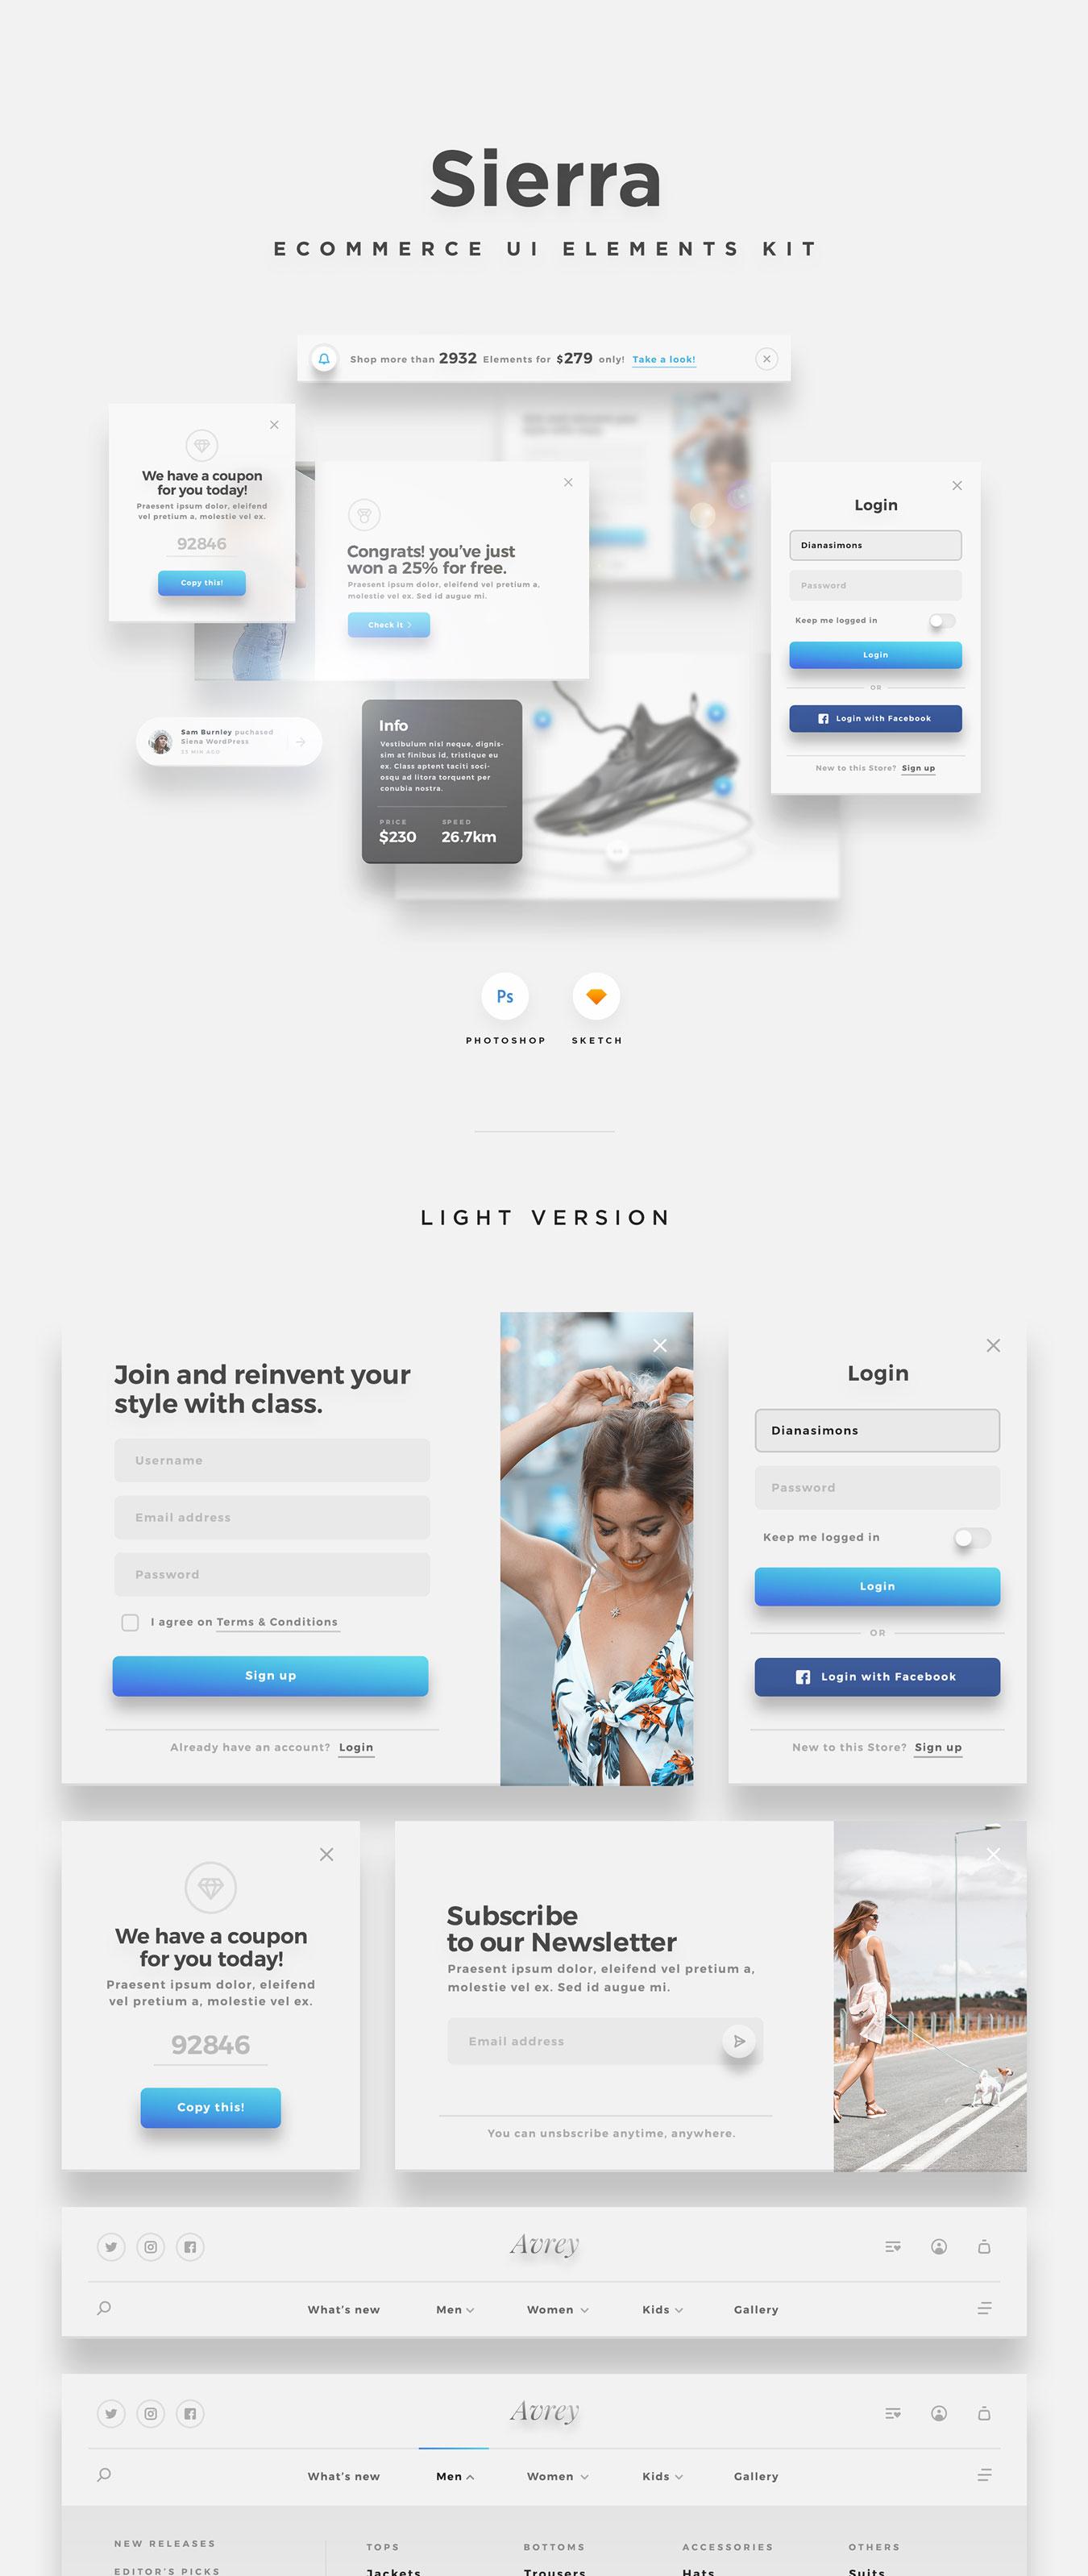 精美的服装鞋子电子商务Web UI套件 Sierra – E-commerce Web UI Kit插图(8)